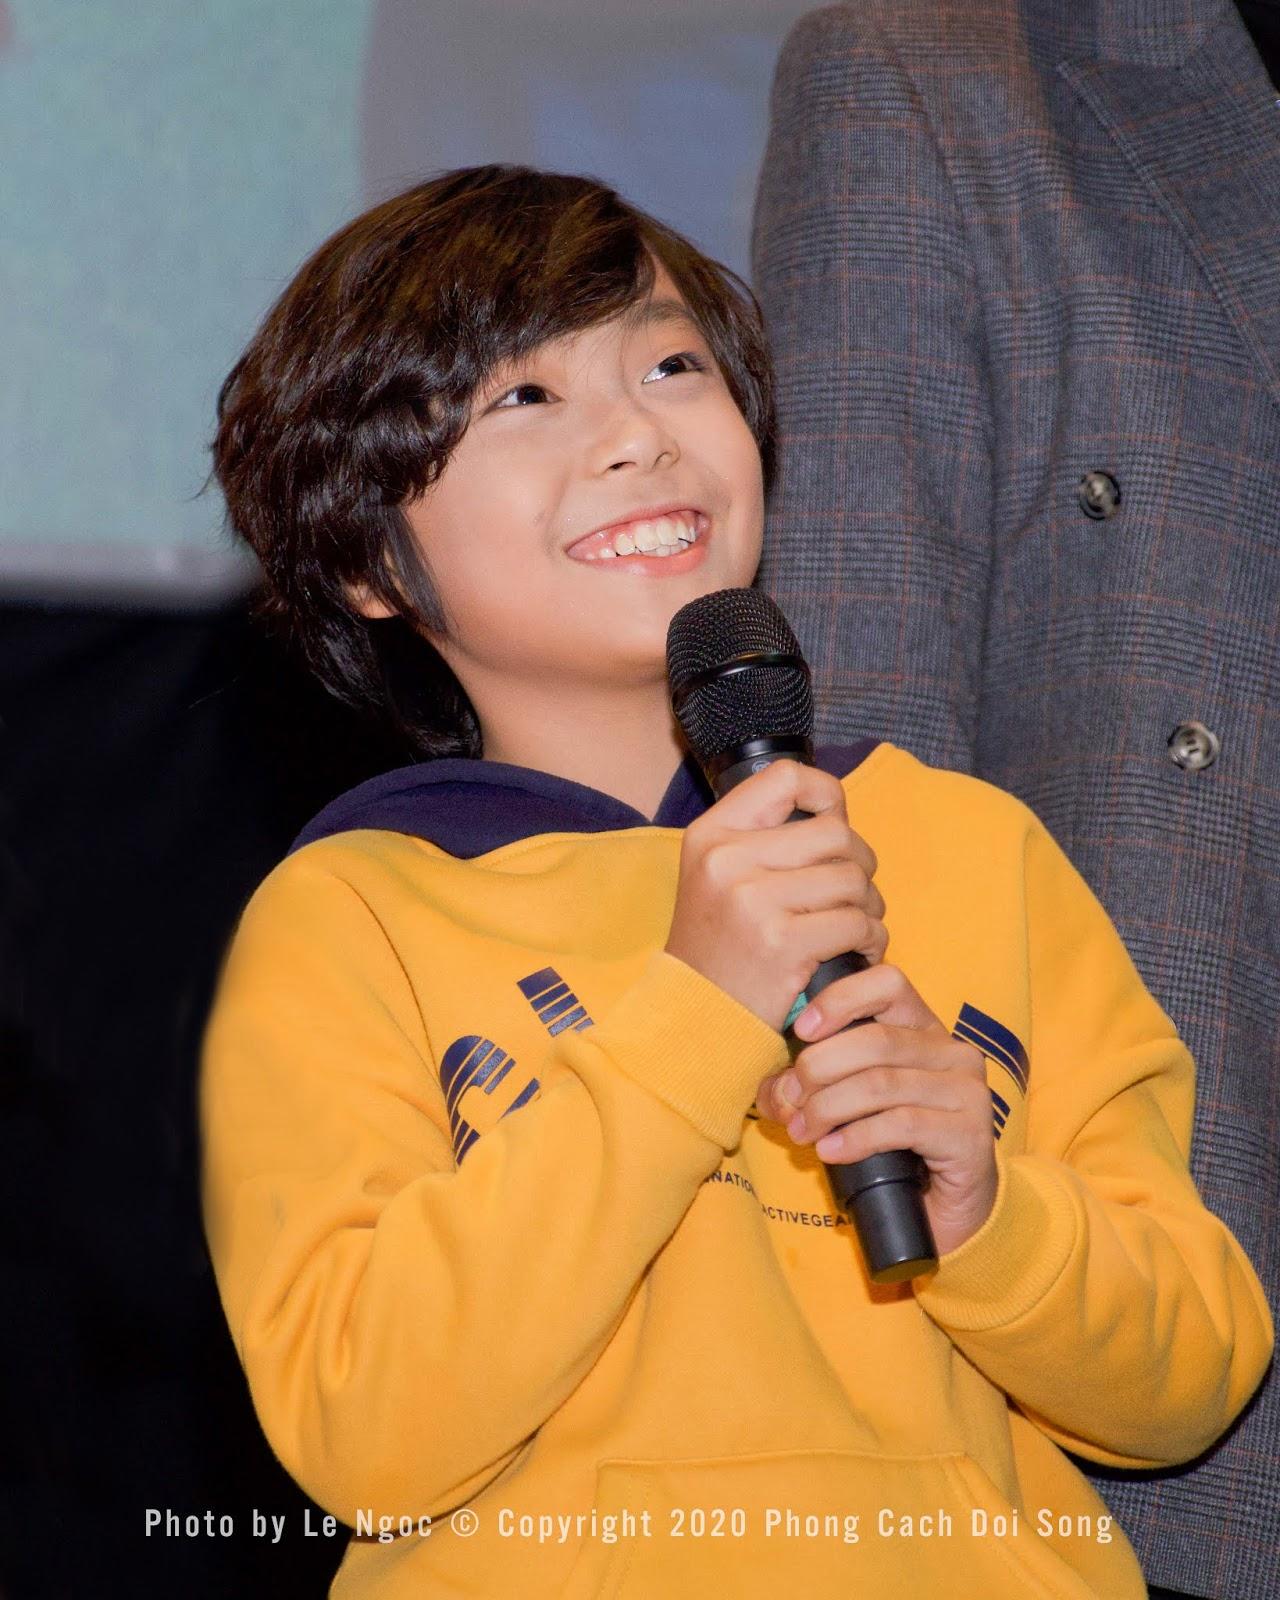 """Sau """"Lạp xưởng ơi! Chờ tụi tui"""": Cậu bé Justin Jin Kai sẽ là hiện tượng diễn viên nhí đầy tiềm năng tỏa sáng"""